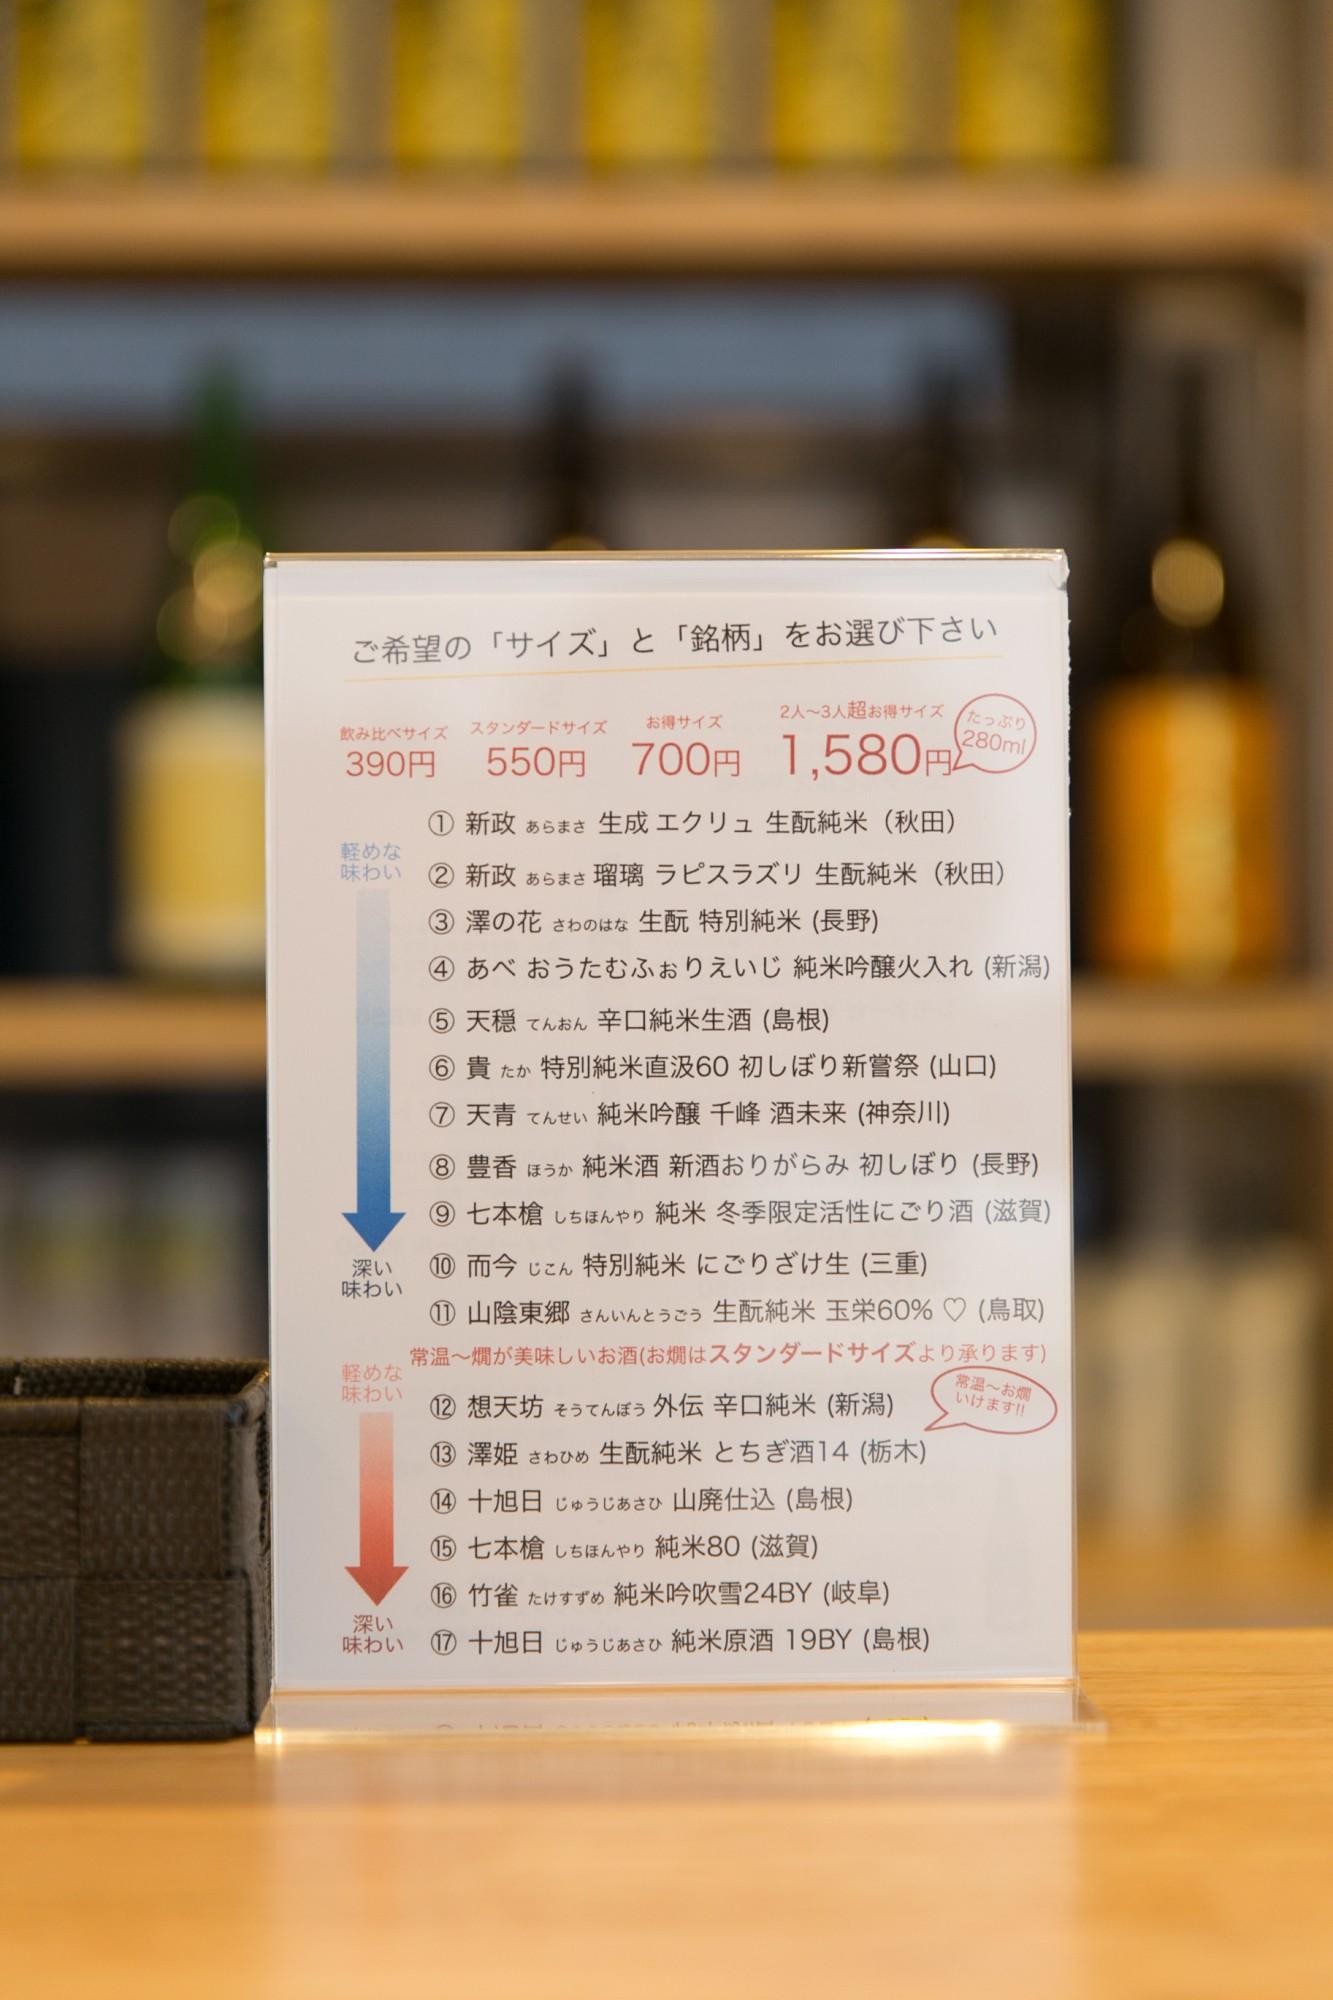 ある日の地酒メニュー。新潟県産は「あべ」と「想天坊」のみ。飲み比べサイズでいろいろ試してみたい。